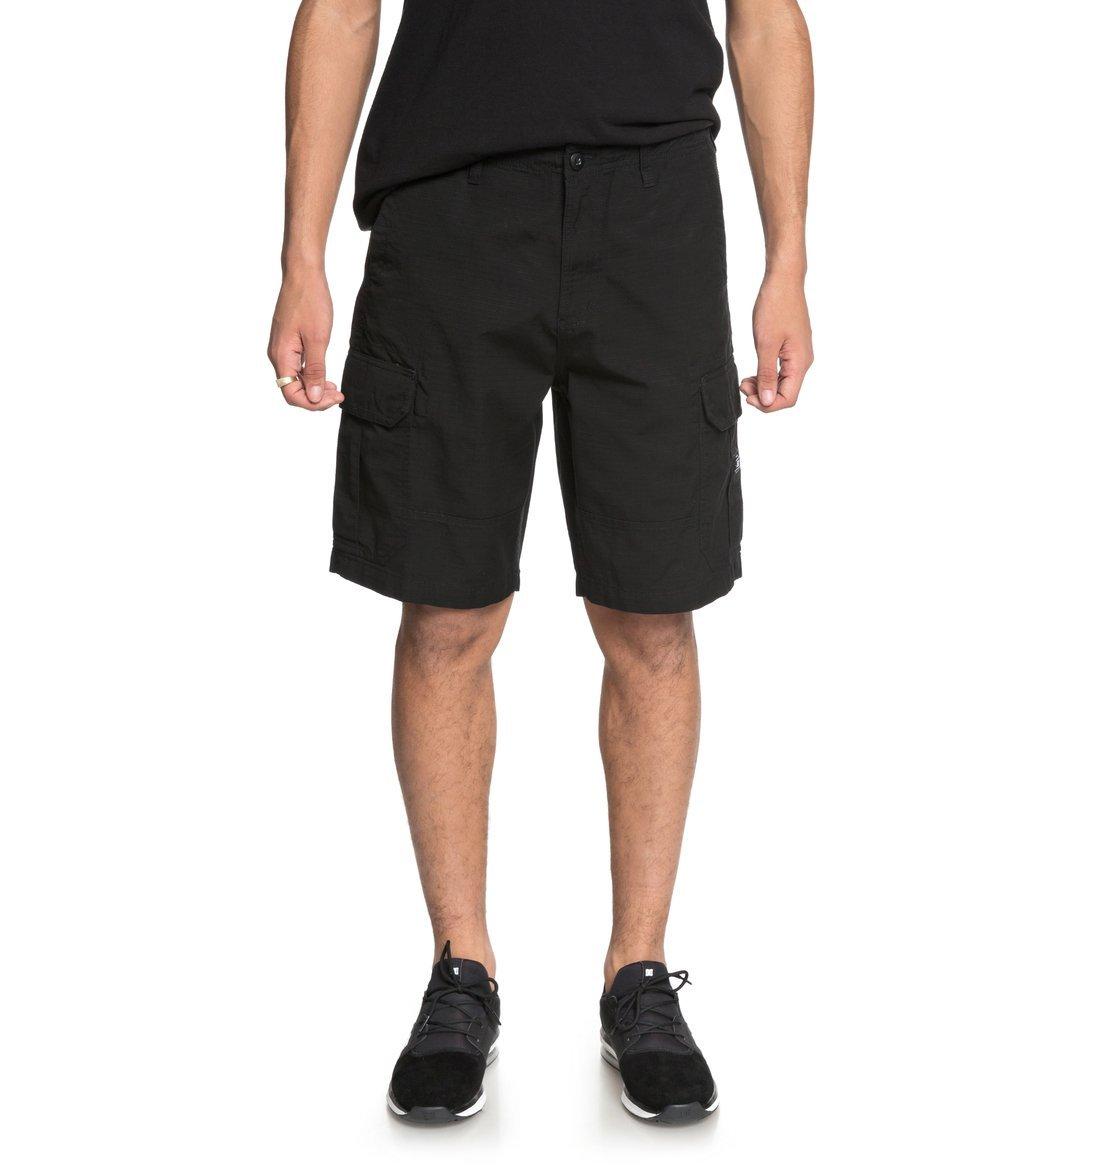 TALLA W32 (talla del fabricante: 32). DC Shoes Rpstp Cargo 21 M Wkst Kvj0 - Walk Shorts Hombre